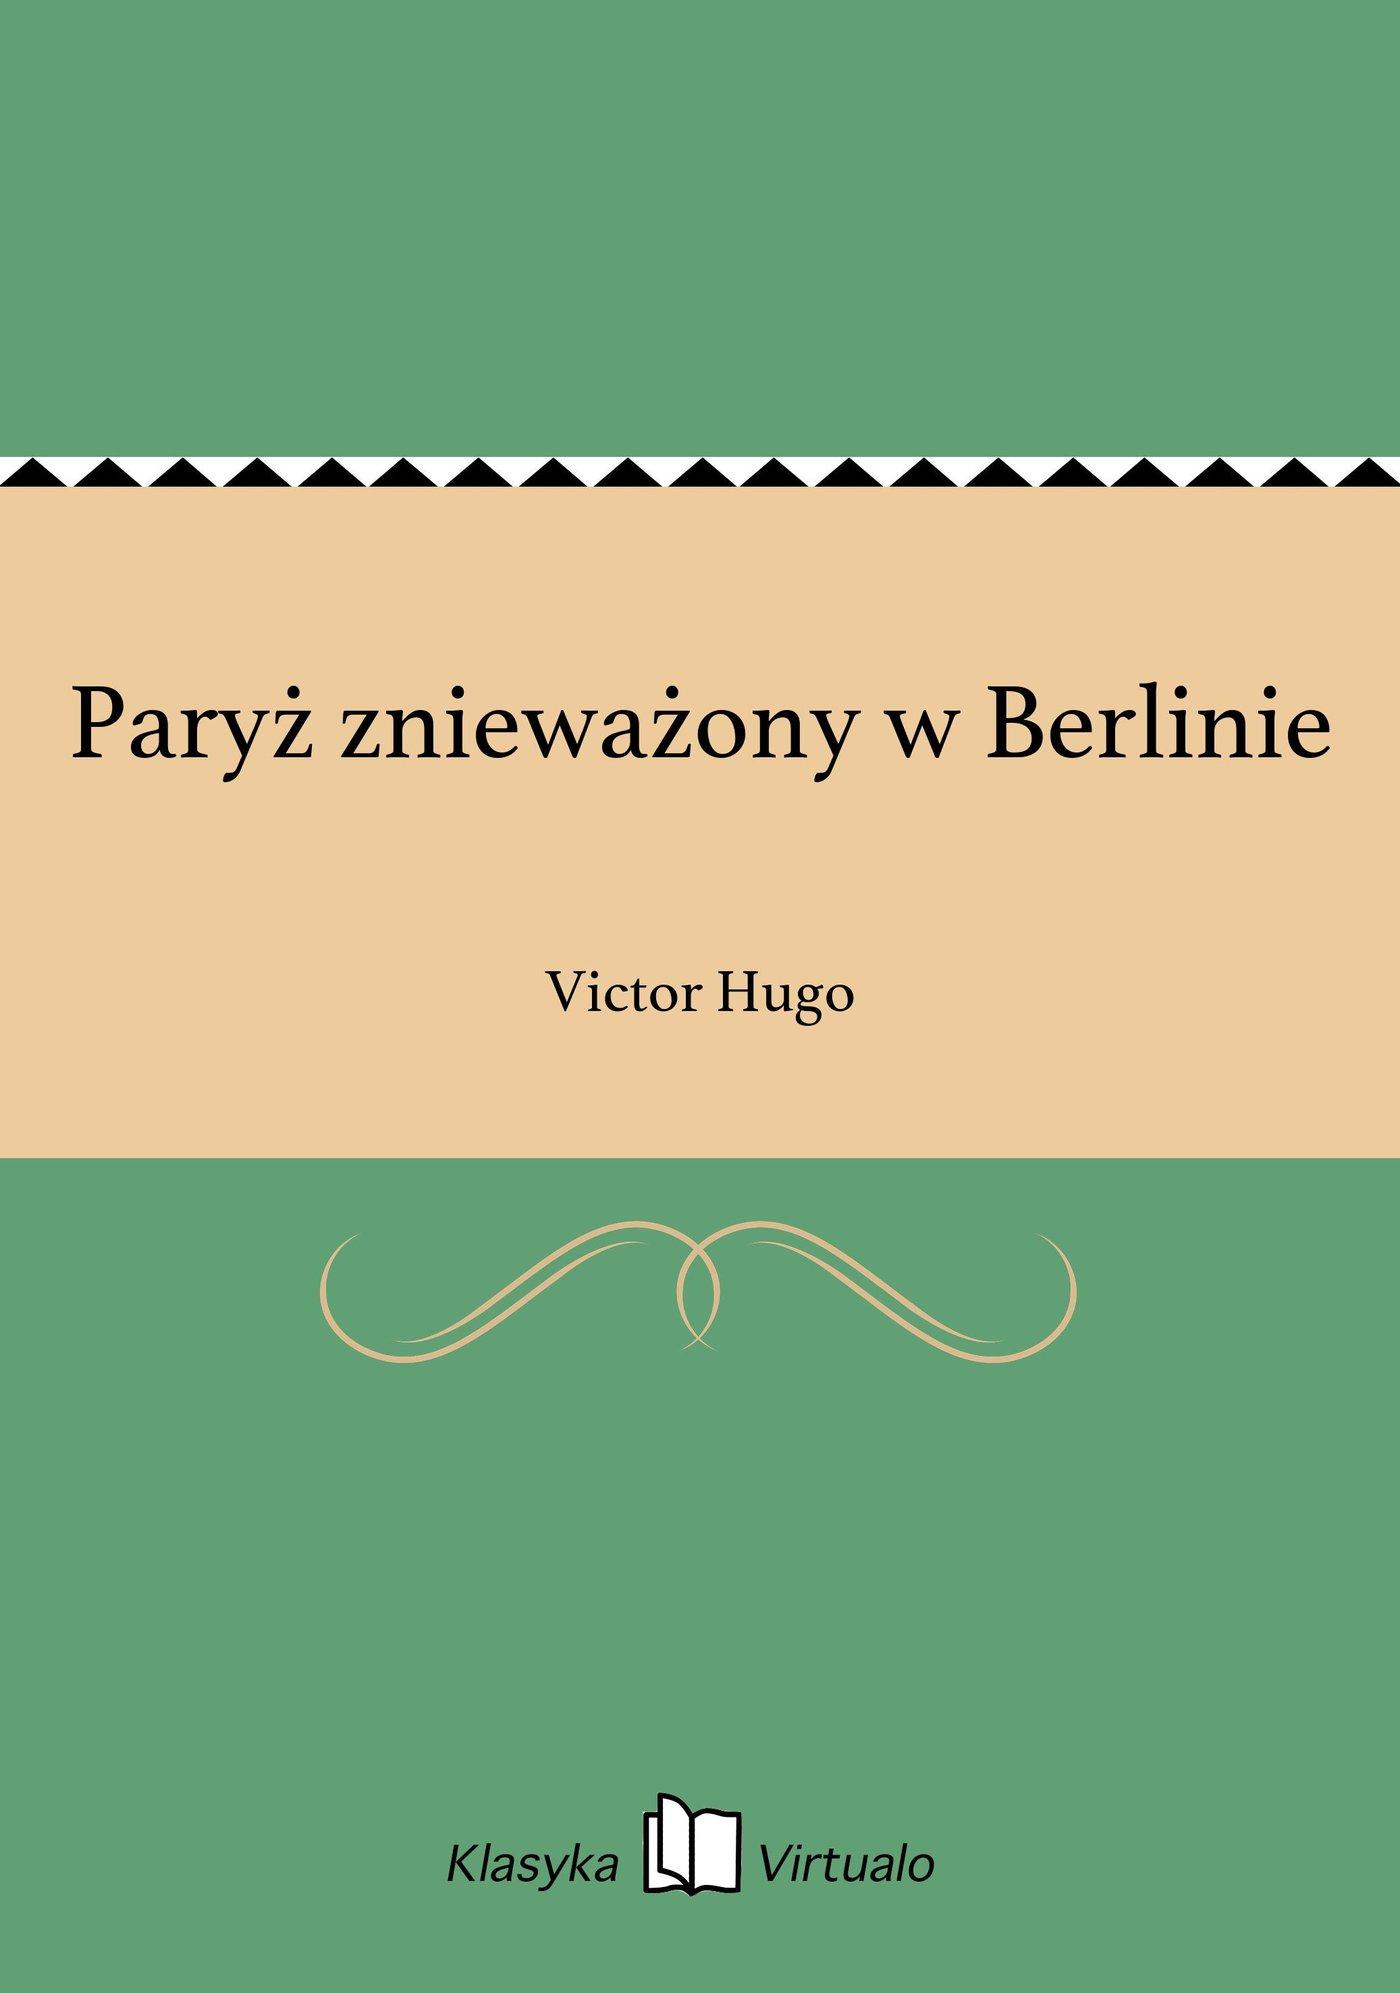 Paryż znieważony w Berlinie - Ebook (Książka EPUB) do pobrania w formacie EPUB